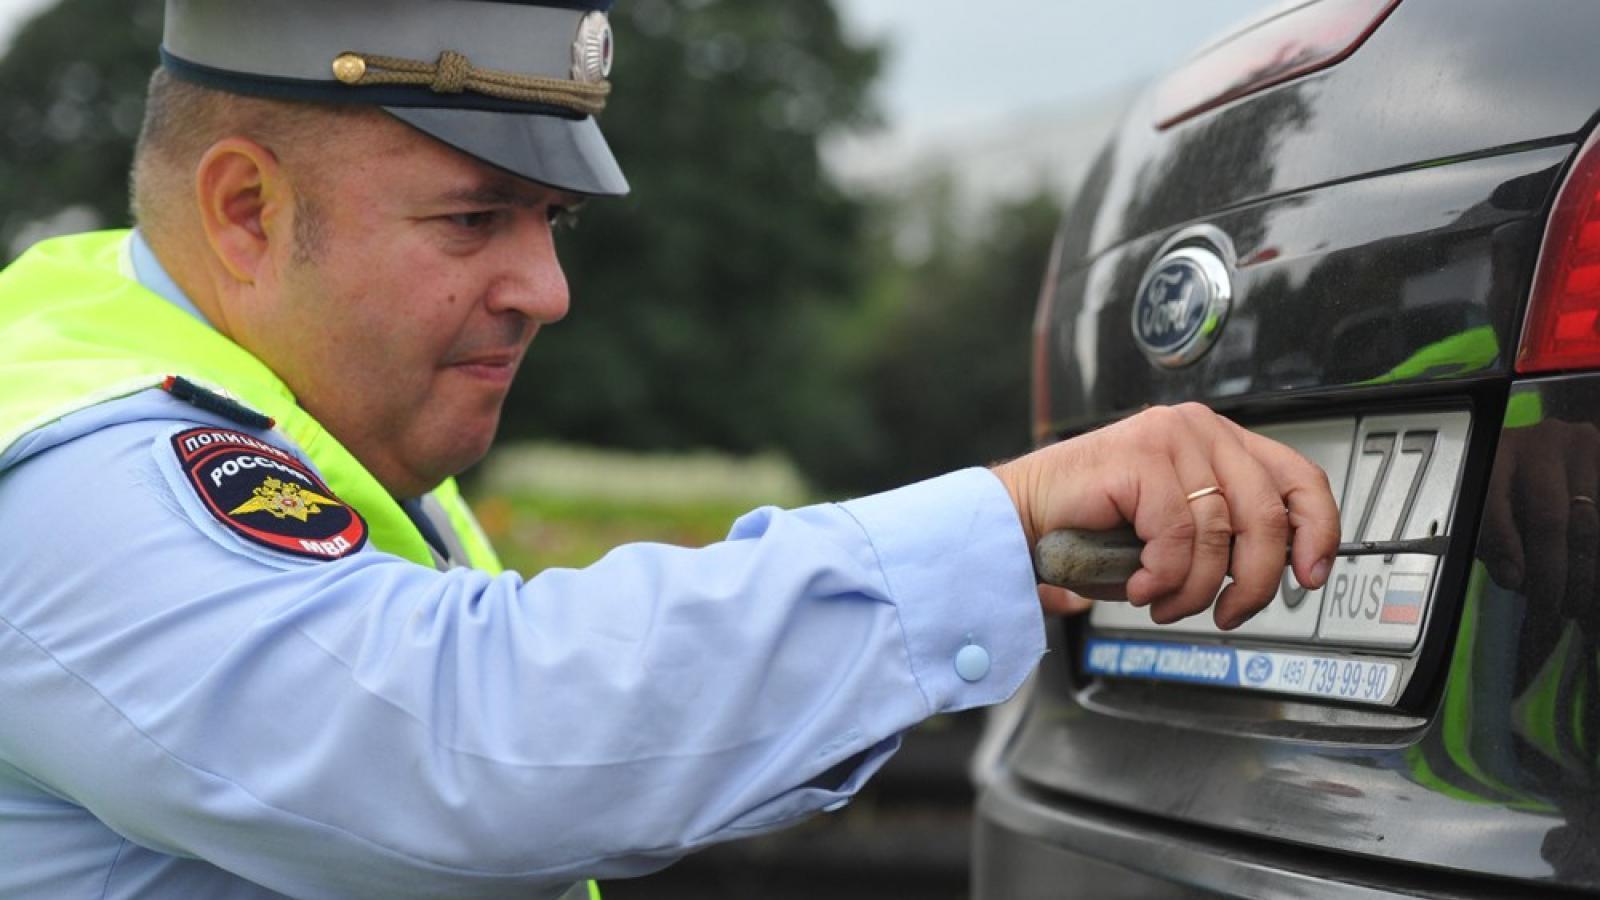 Сотрудники ГИБДД больше не смогут снимать номера с автомобилей